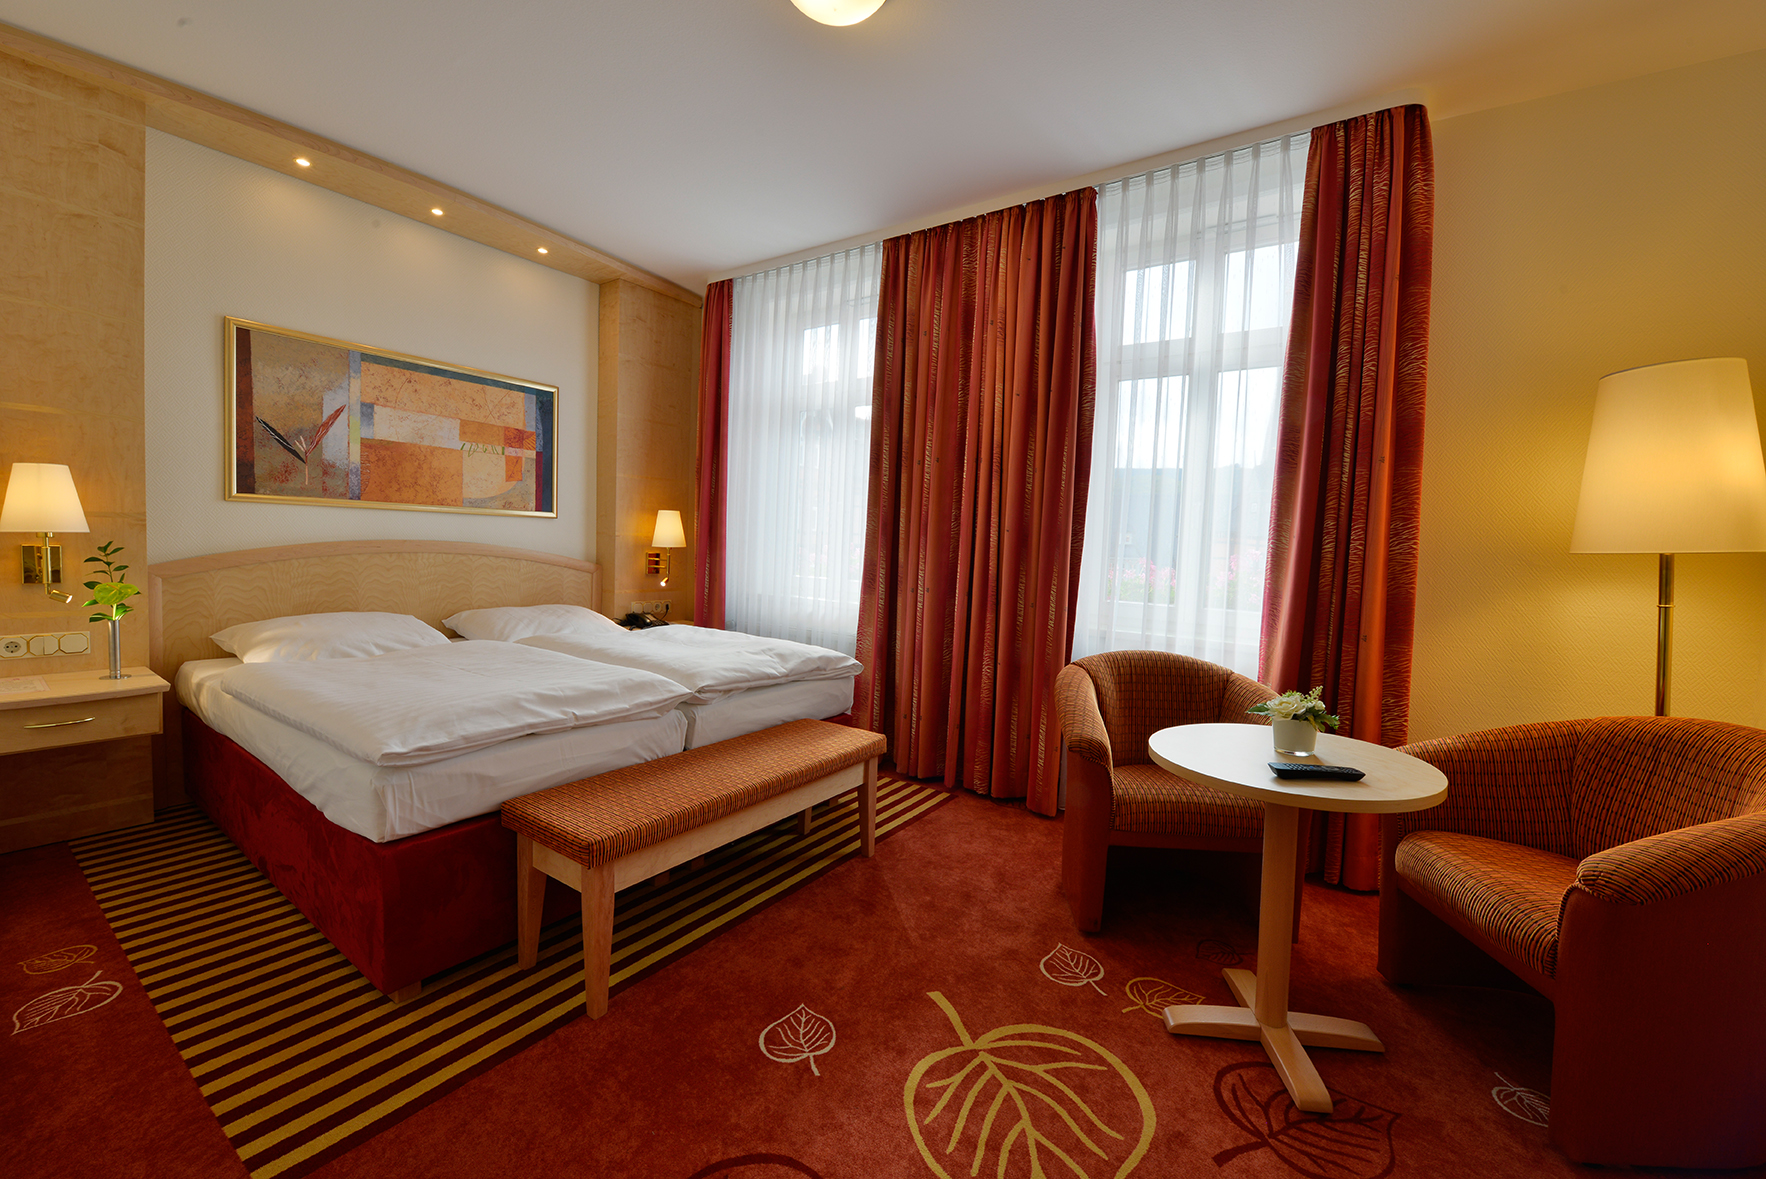 Hotel & Restaurant Weißer Hirsch in Wernigerode - Classic-Doppelzimmer